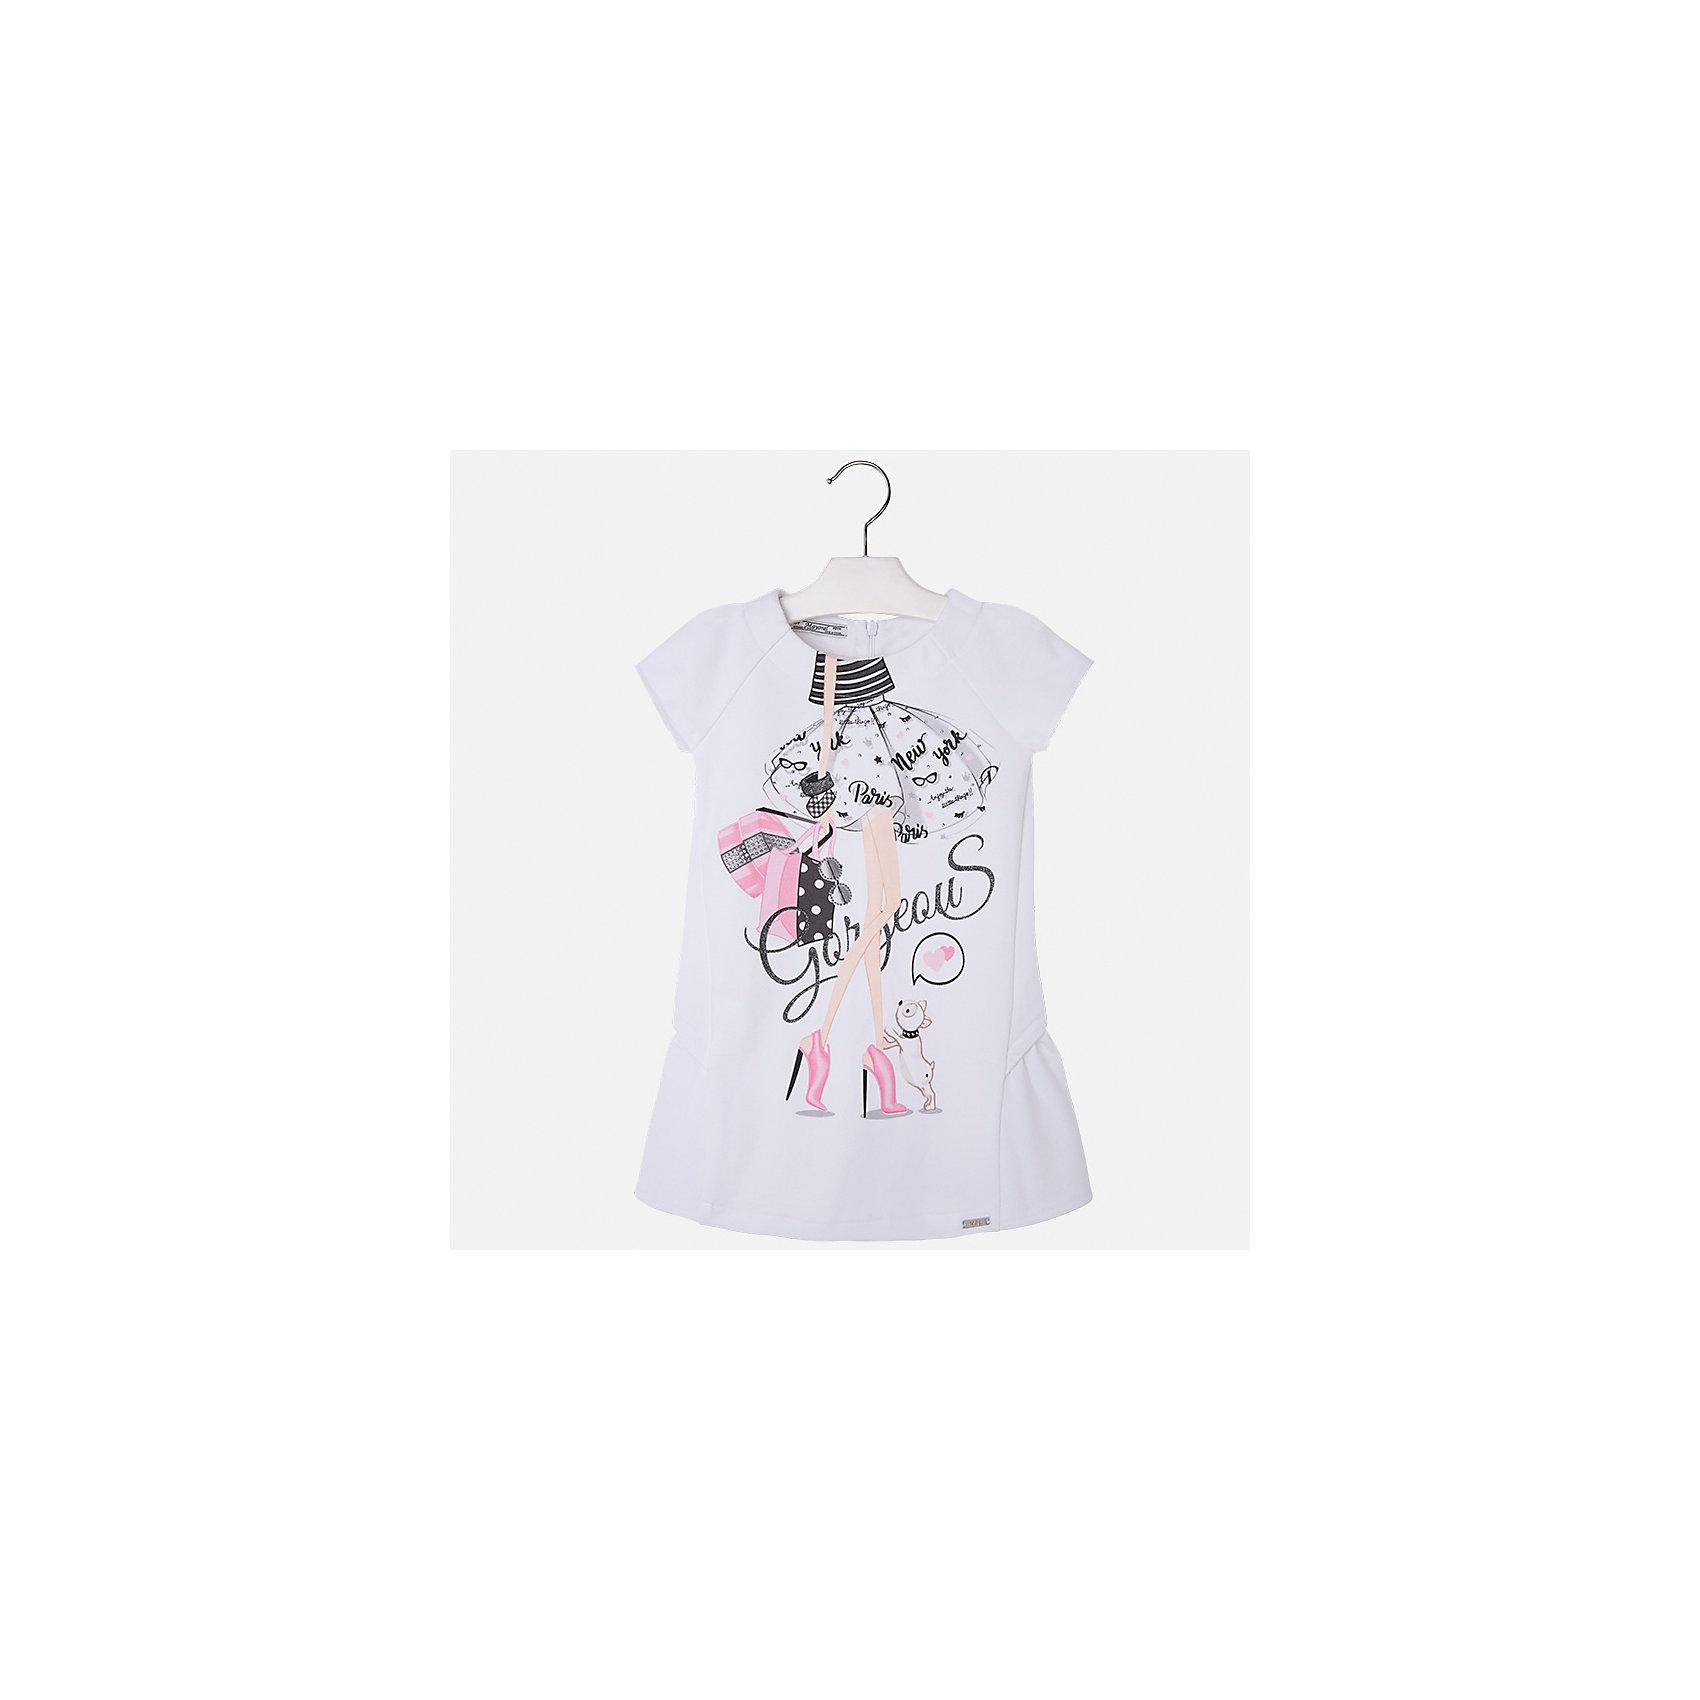 Платье для девочки MayoralХарактеристики товара:<br><br>• цвет: белый<br>• состав: 80% полиэстер, 15 % вискоза, 5% эластан<br>• застежка: молния<br>• короткие рукава реглан<br>• декорировано принтом<br>• металлический логотип<br>• страна бренда: Испания<br><br>Нарядное платье для девочки поможет разнообразить гардероб ребенка и создать эффектный наряд. Оно подойдет для различных случаев. Красивый оттенок позволяет подобрать к вещи обувь разных расцветок. Платье хорошо сидит по фигуре и оригинально смотрится.<br><br>Одежда, обувь и аксессуары от испанского бренда Mayoral полюбились детям и взрослым по всему миру. Модели этой марки - стильные и удобные. Для их производства используются только безопасные, качественные материалы и фурнитура. Порадуйте ребенка модными и красивыми вещами от Mayoral! <br><br>Платье для девочки от испанского бренда Mayoral (Майорал) можно купить в нашем интернет-магазине.<br><br>Ширина мм: 236<br>Глубина мм: 16<br>Высота мм: 184<br>Вес г: 177<br>Цвет: фиолетовый<br>Возраст от месяцев: 24<br>Возраст до месяцев: 36<br>Пол: Женский<br>Возраст: Детский<br>Размер: 98,134,104,110,116,122,128<br>SKU: 5291297